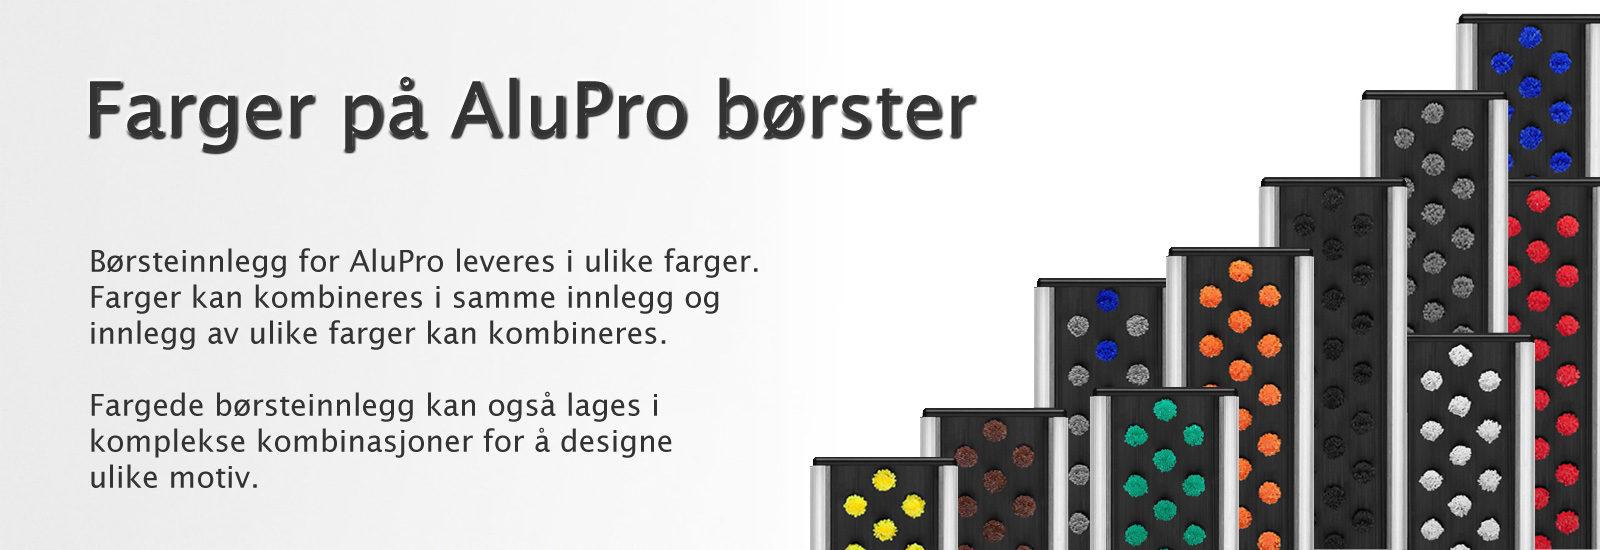 Fargede børsteinnlegg for AluPro